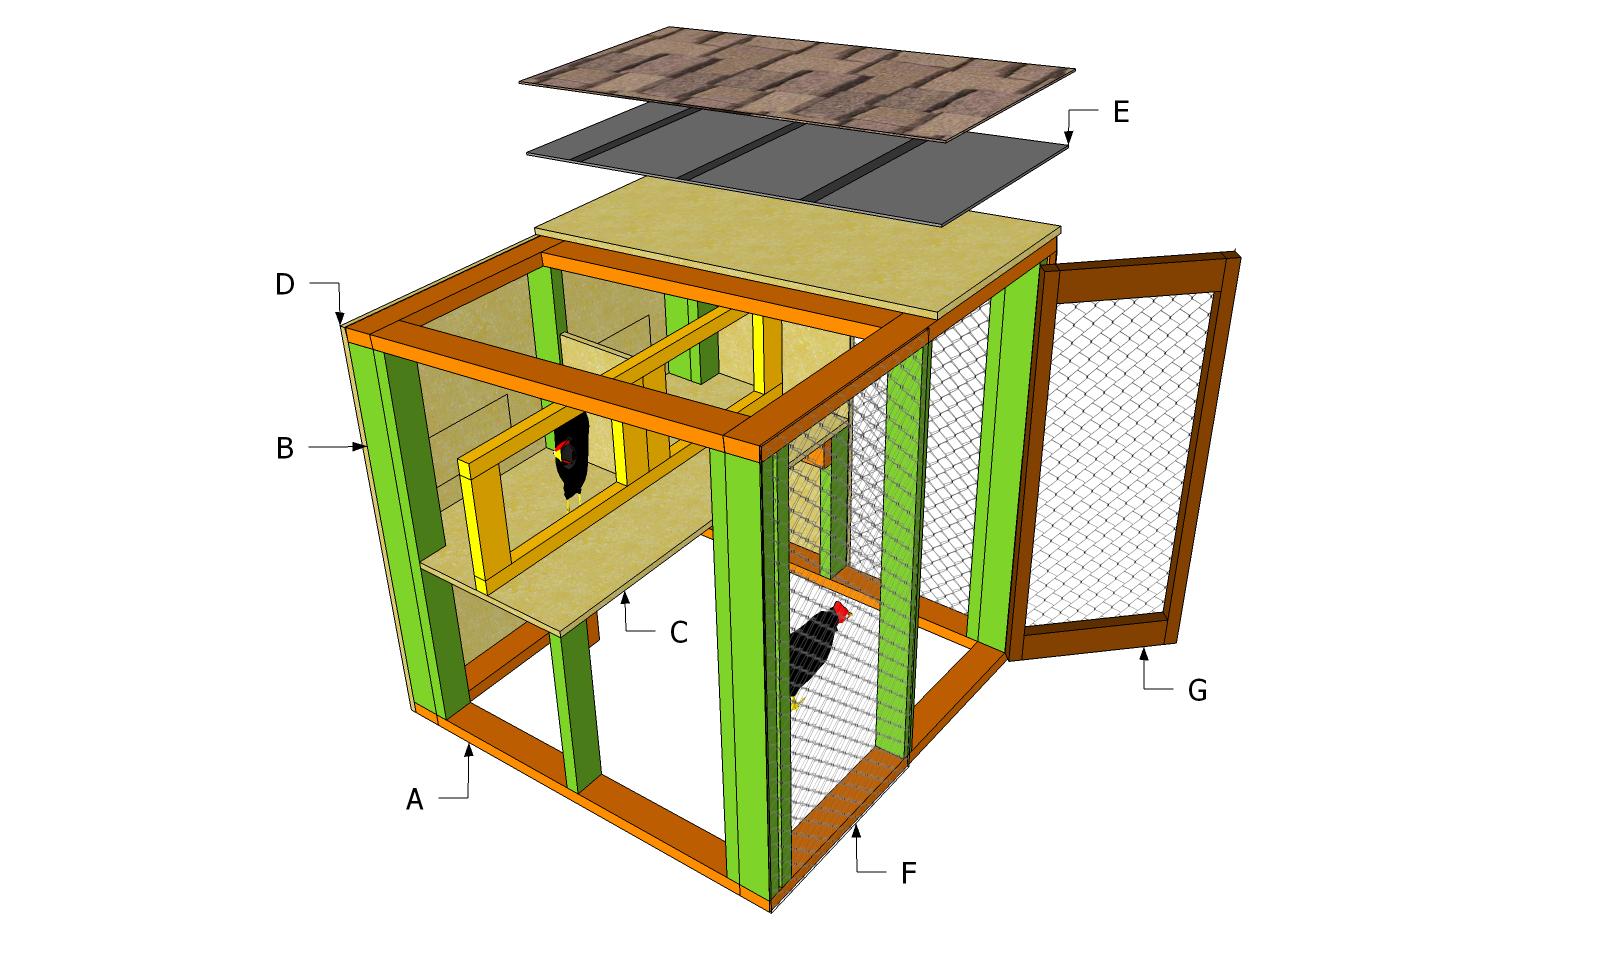 Building a simple chicken coop